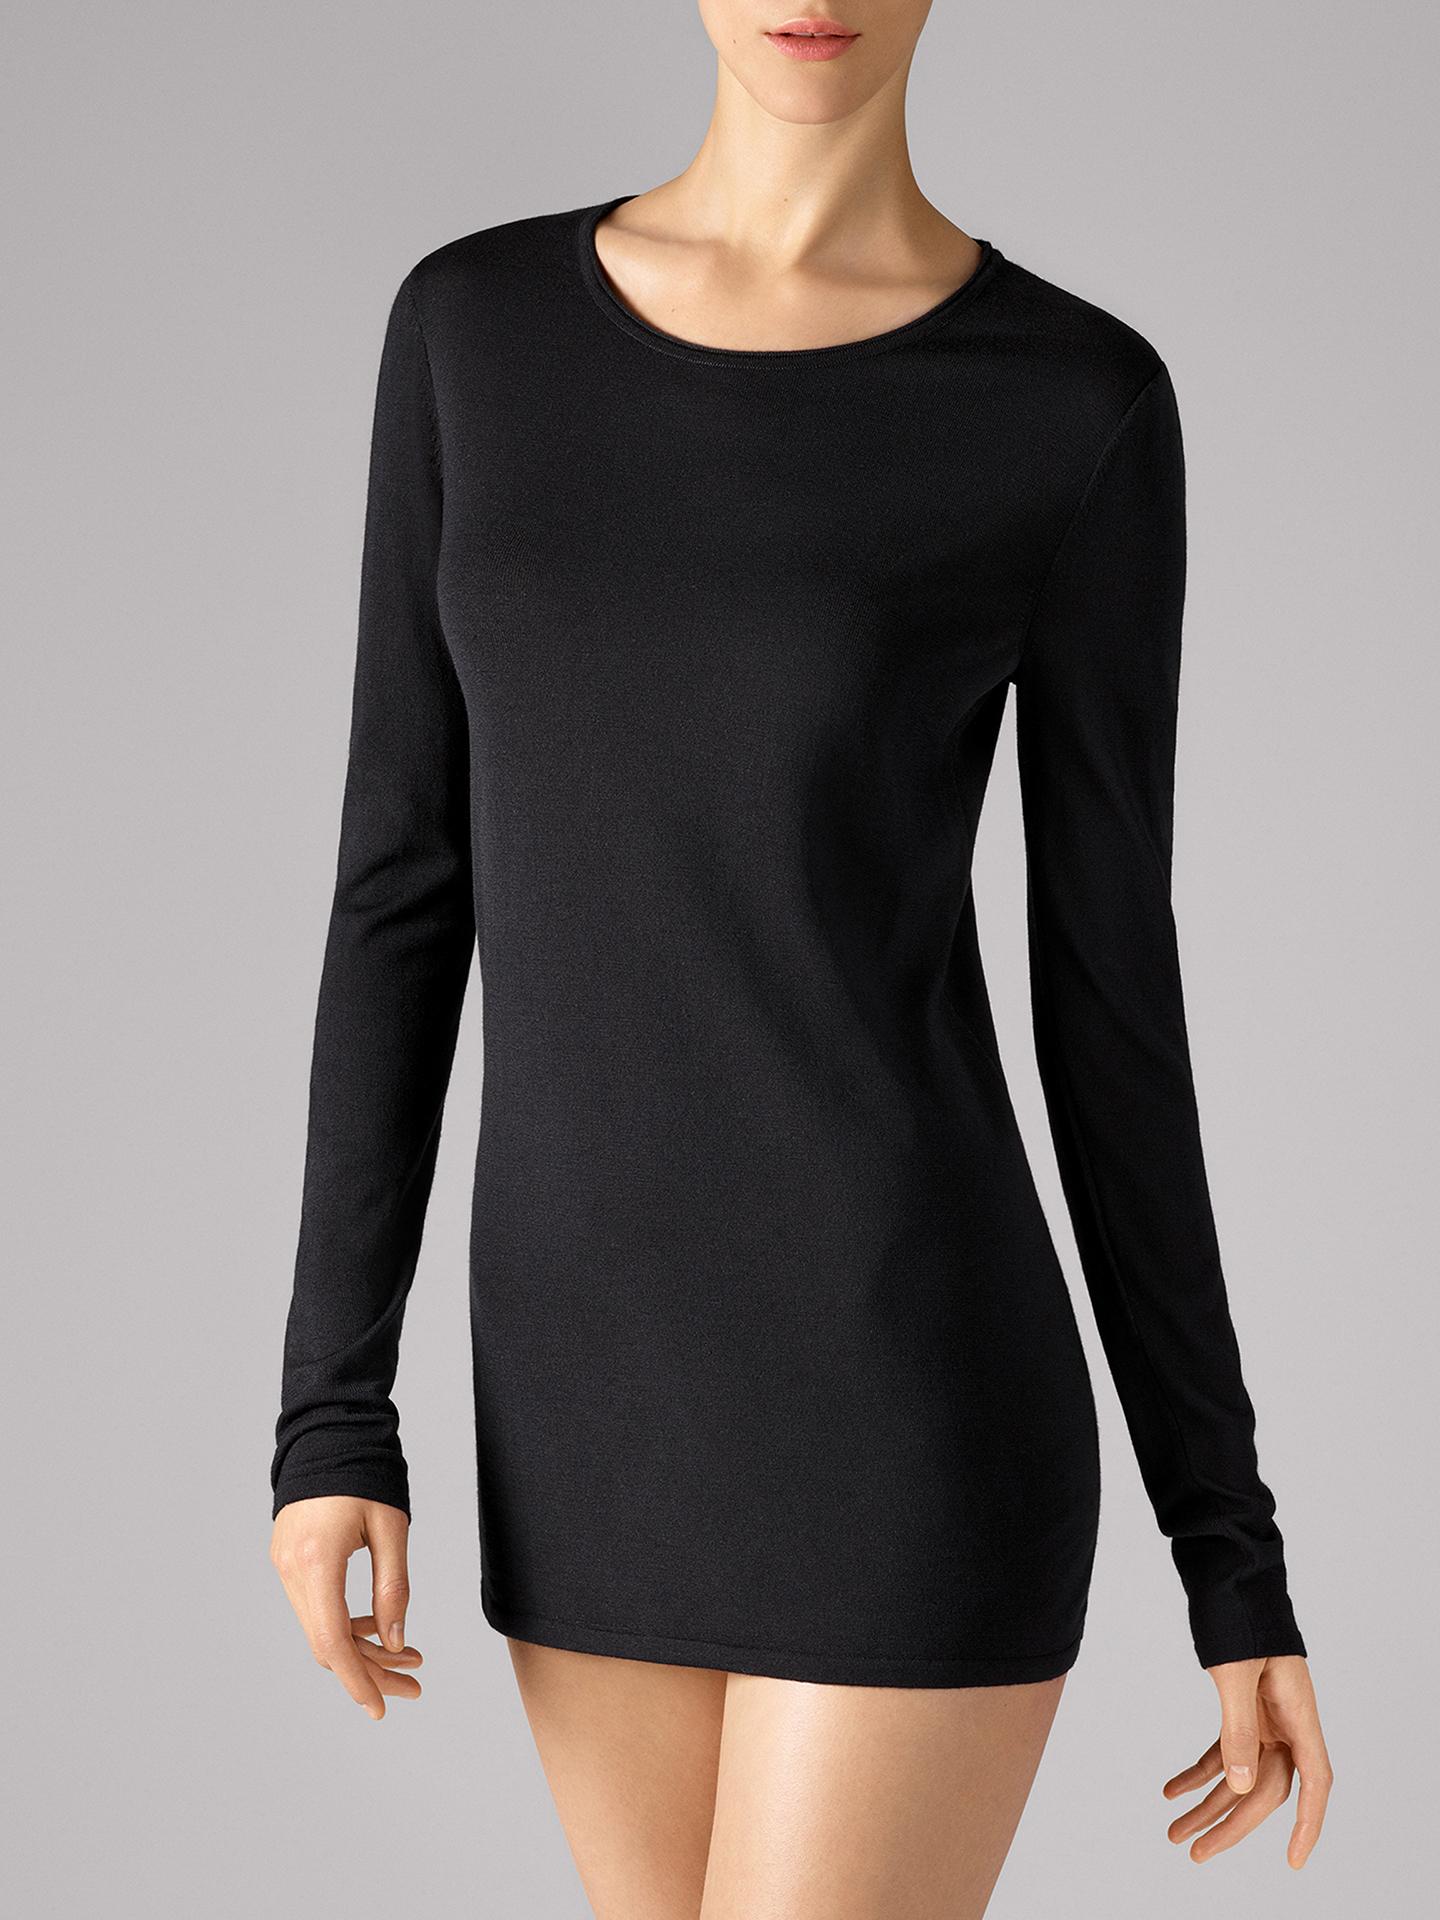 Wolford Apparel & Accessories > Clothing > Abbigliamento Donna Fine Merino Pullover